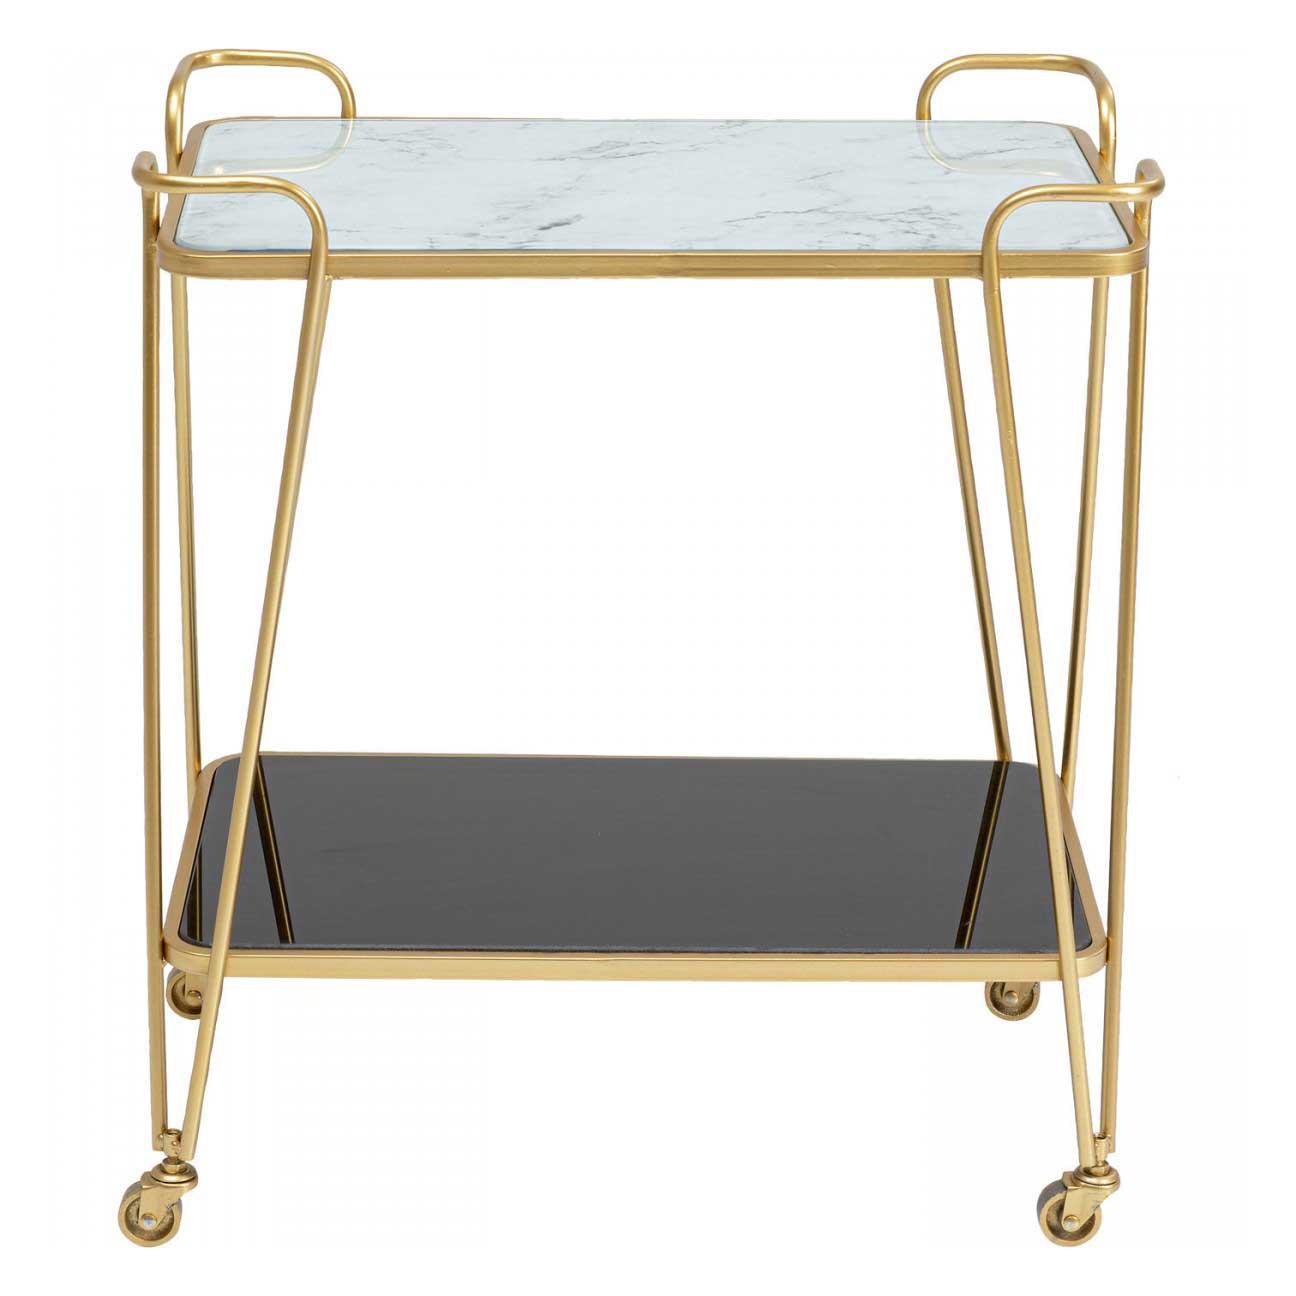 KARE DESIGN rektangulær West Coast rullebord, m. hylde - hvid og sort glas samt guld stål